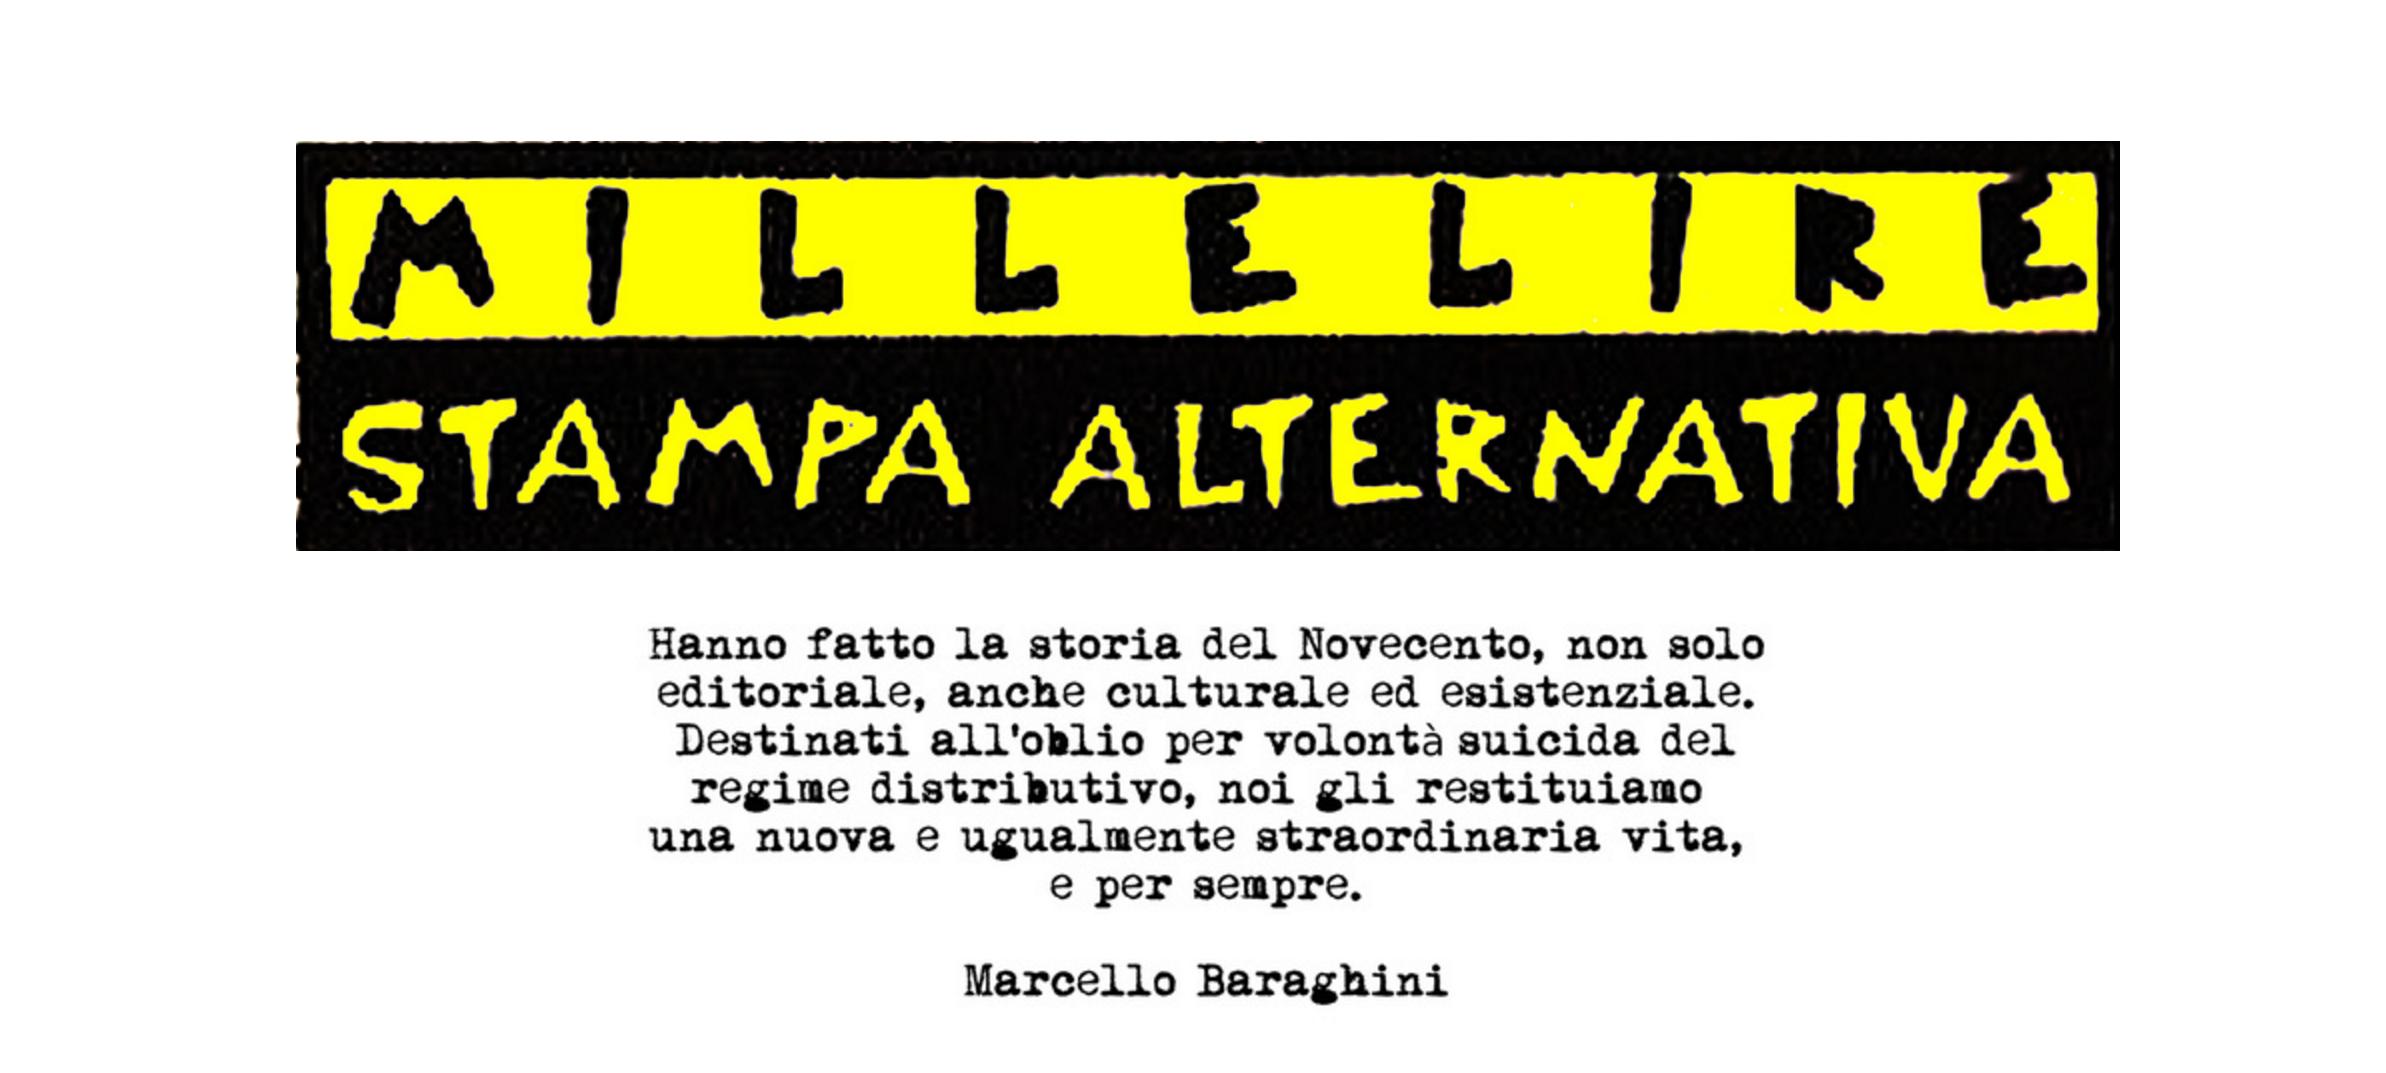 I libri Millelire ora disponibili in free download